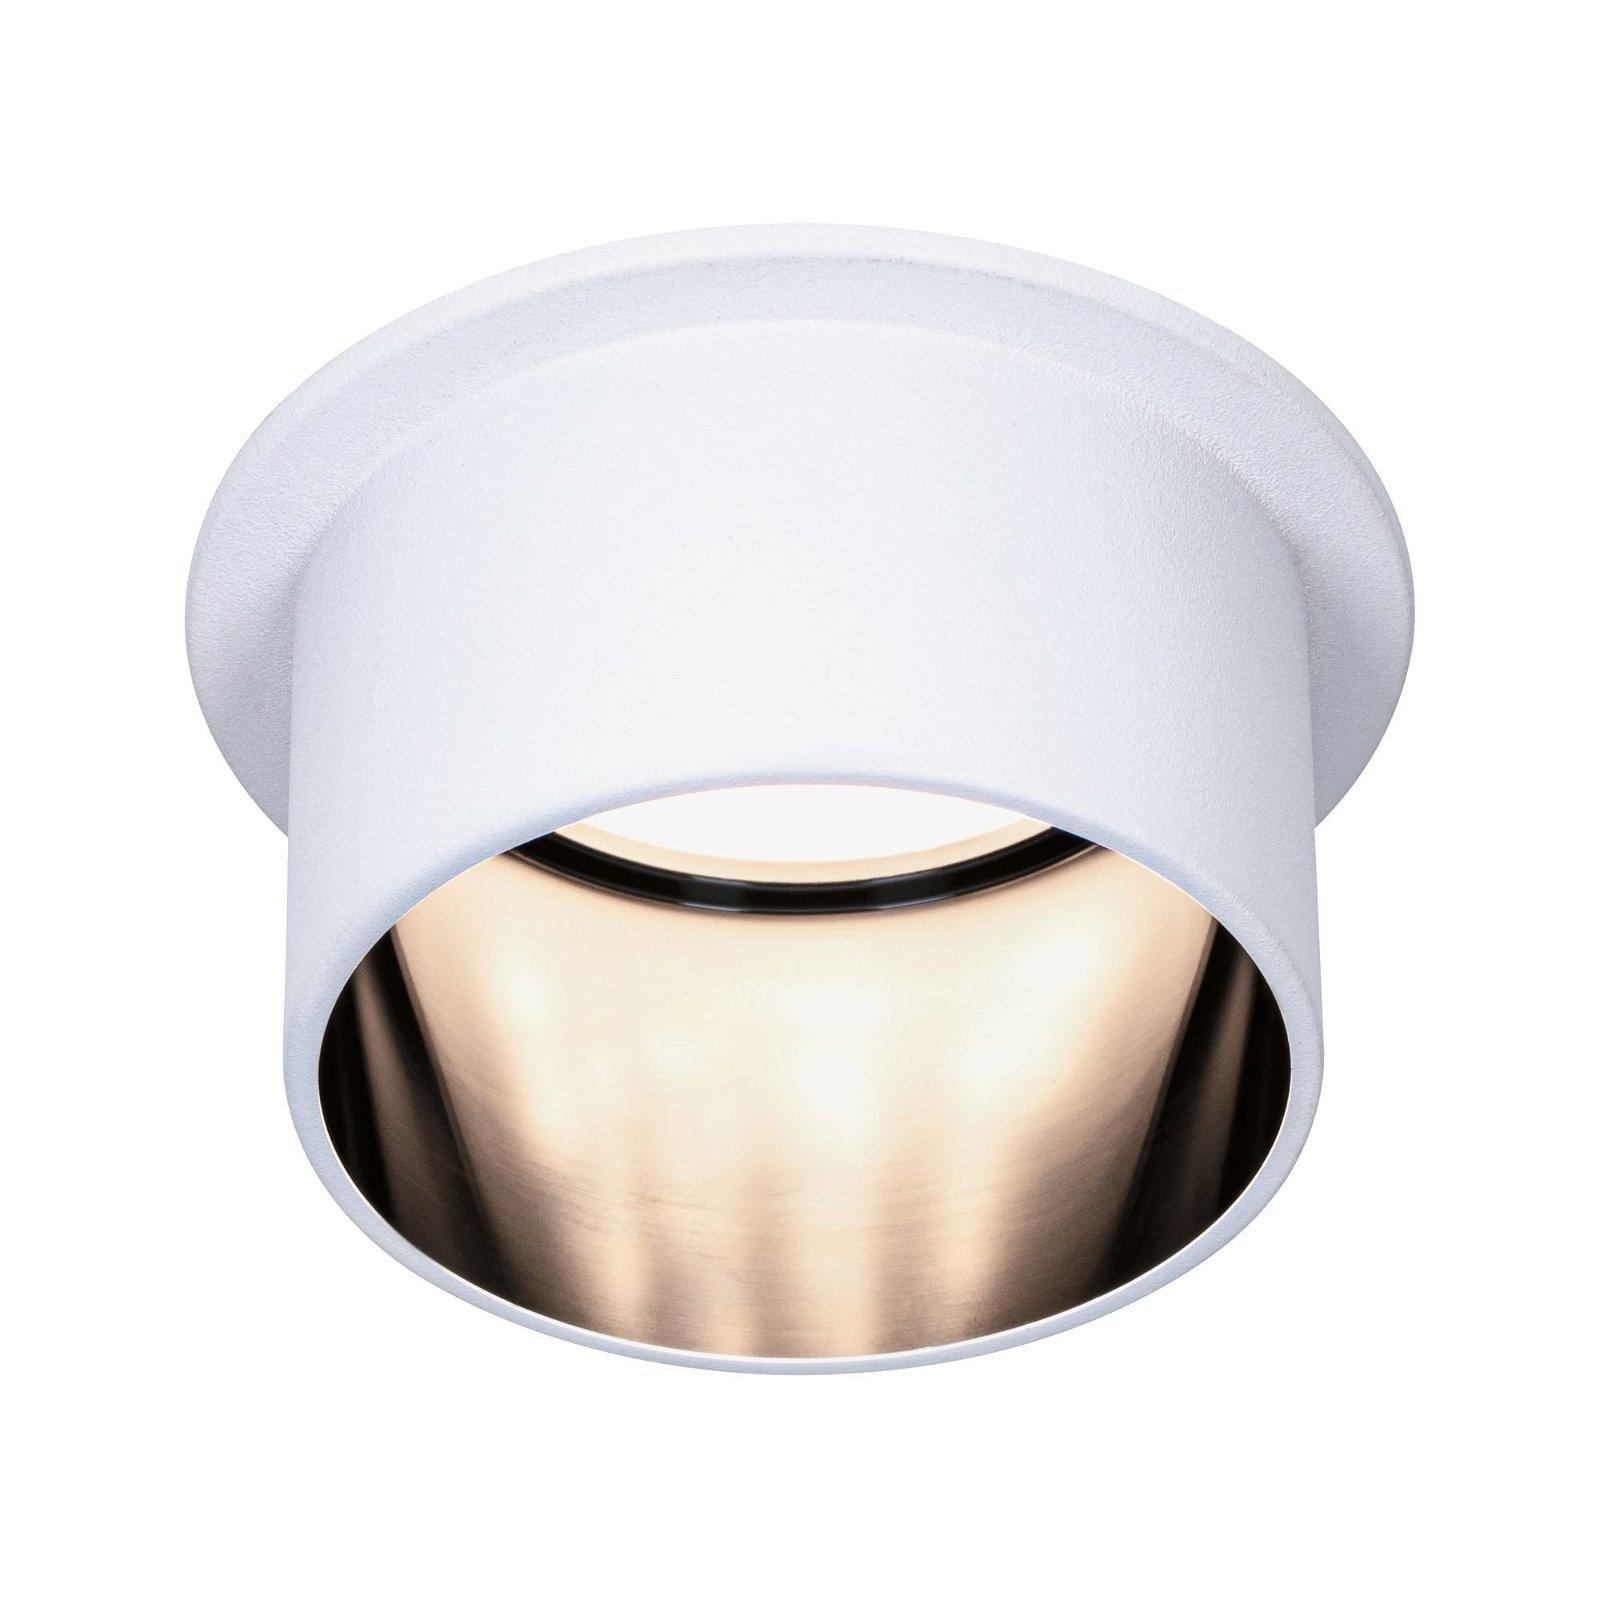 LED Einbauleuchte Gil IP44 rund 68mm Coin 6W 470lm 230V 2700K Weiß matt/Schwarz matt